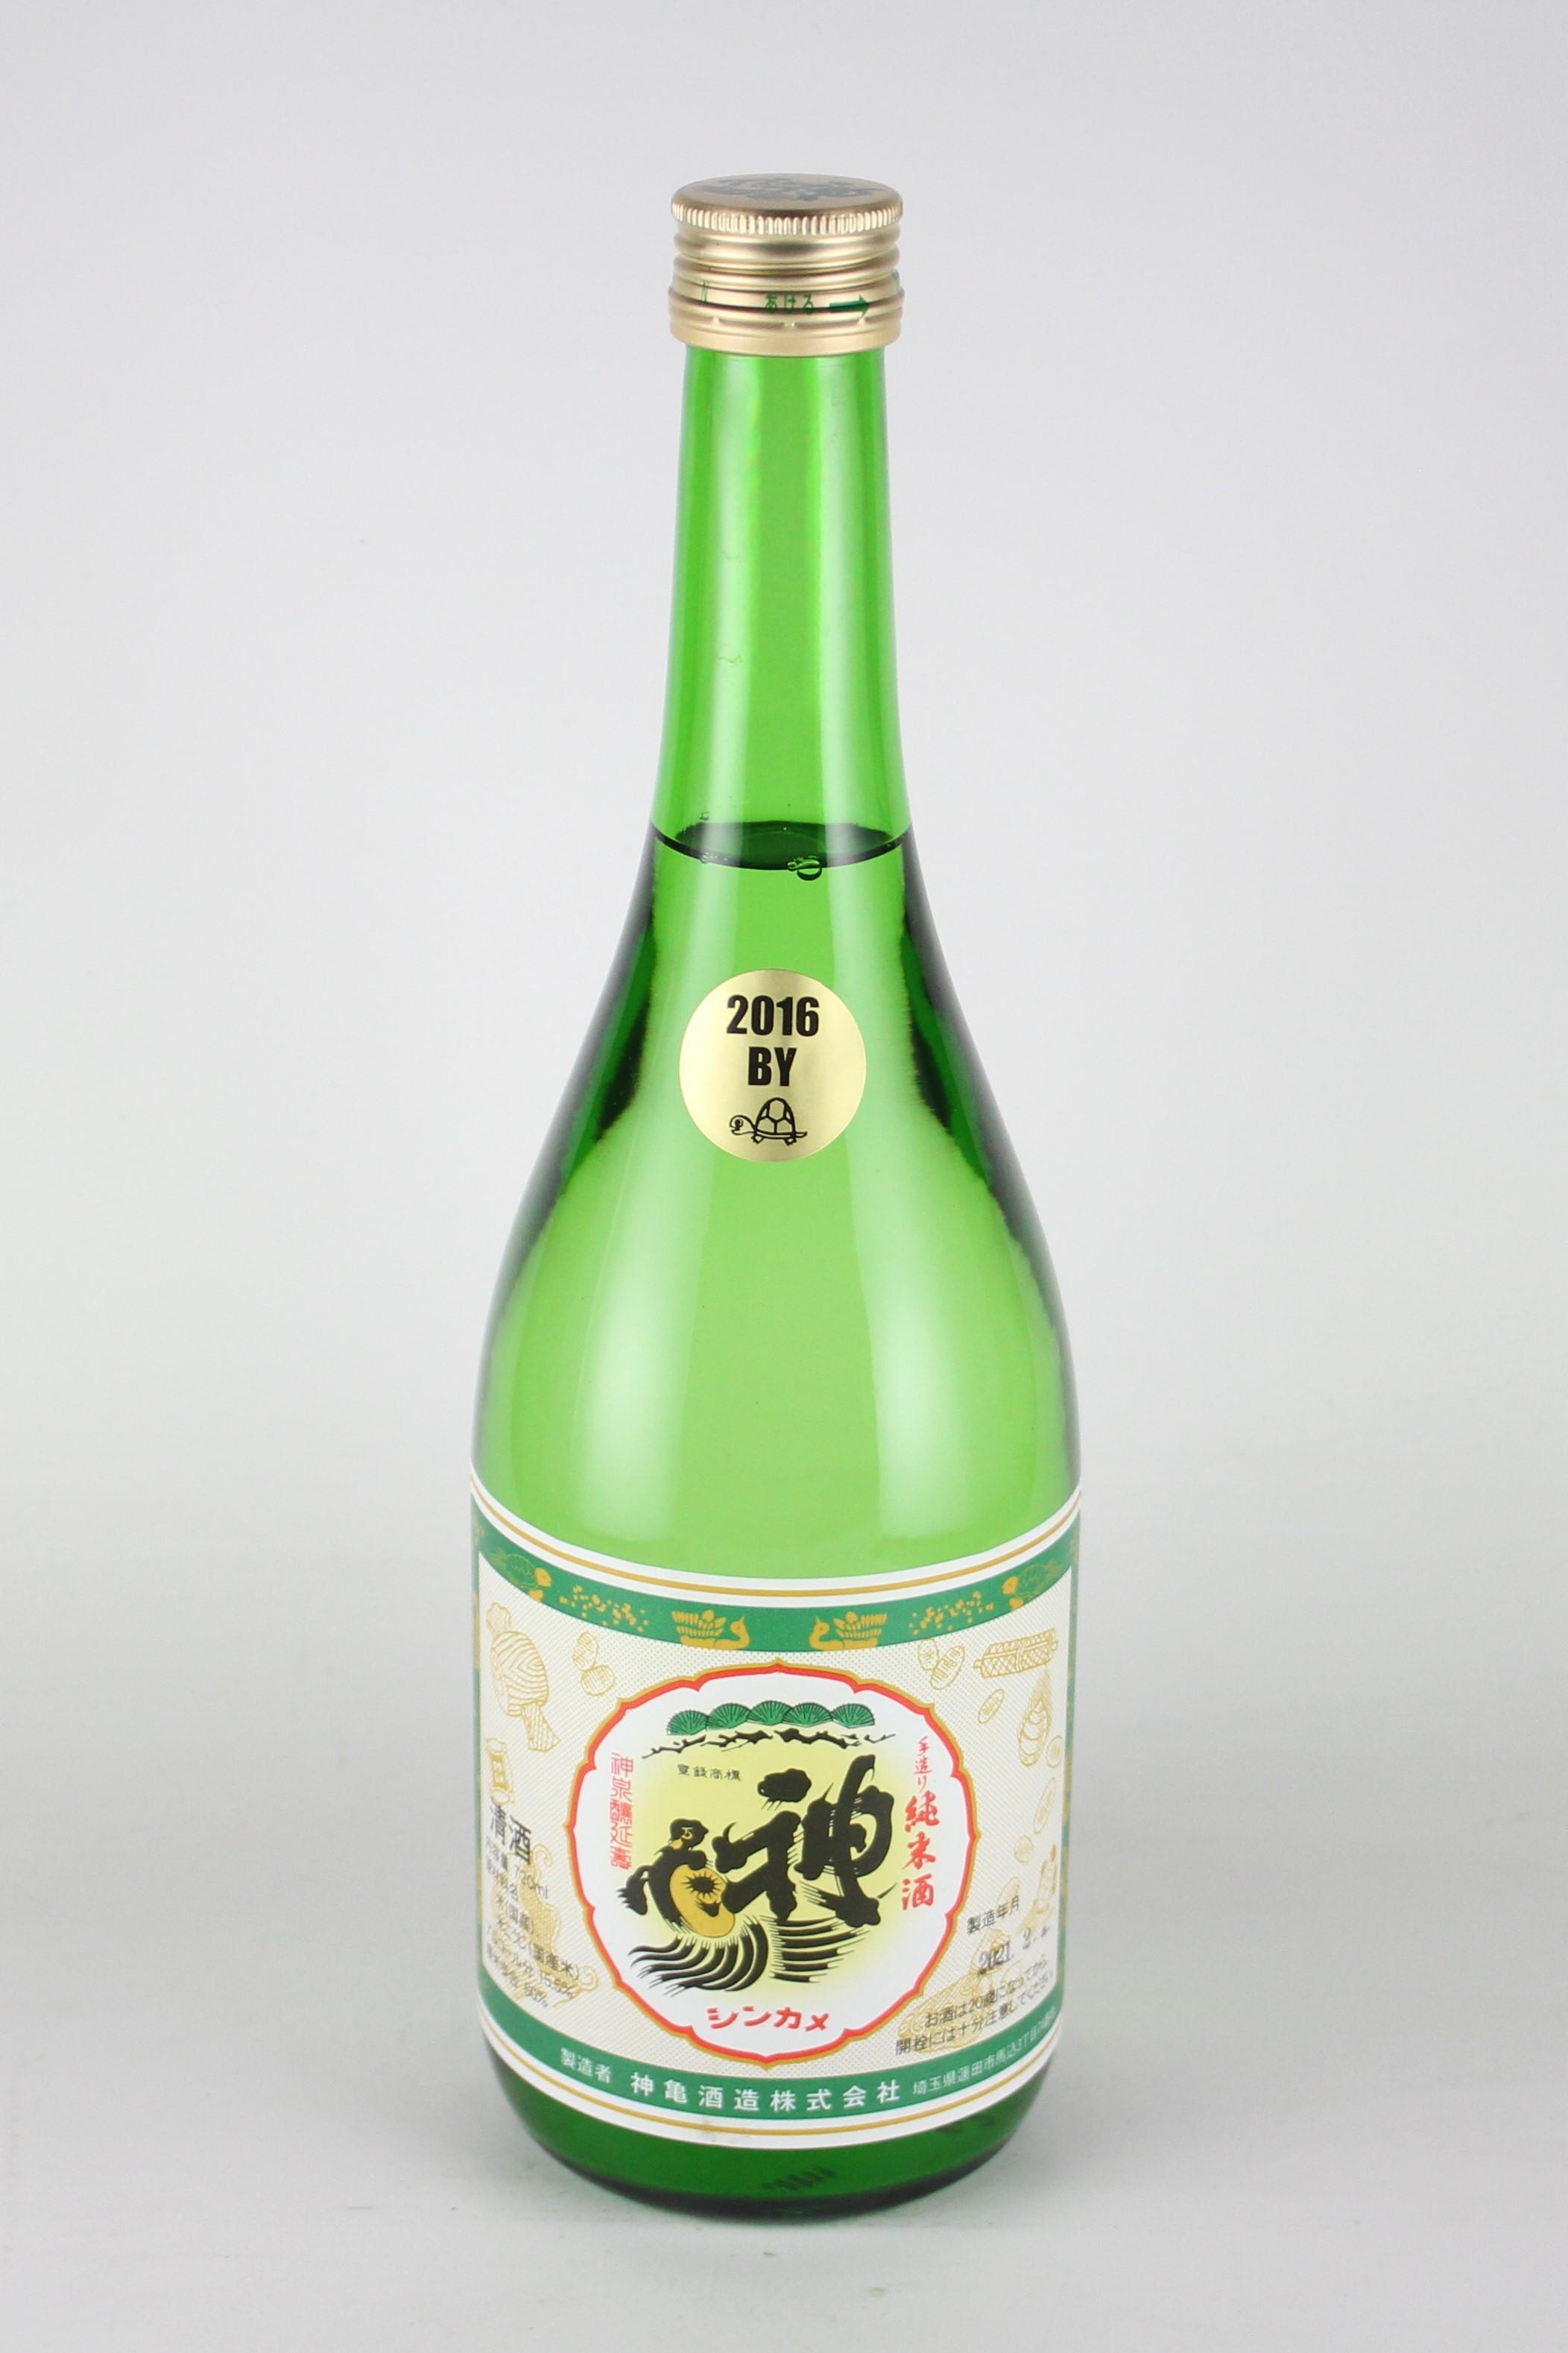 神亀 GREEN 純米甘口 720ml 【埼玉/神亀酒造】2016(平成28)醸造年度